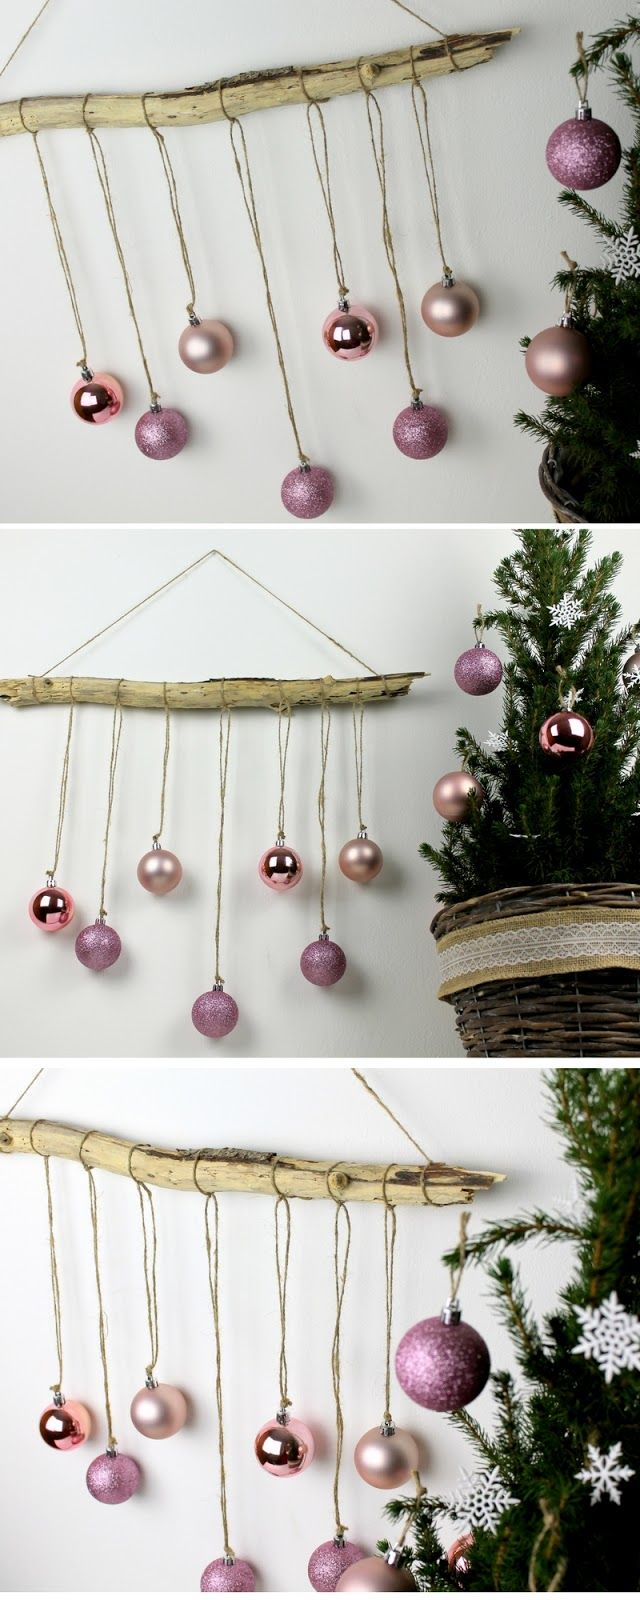 Dekotipps Weihnachten Inspirierend ☆ Diy Ausgefallene Weihnachtliche Wanddekoration Aus